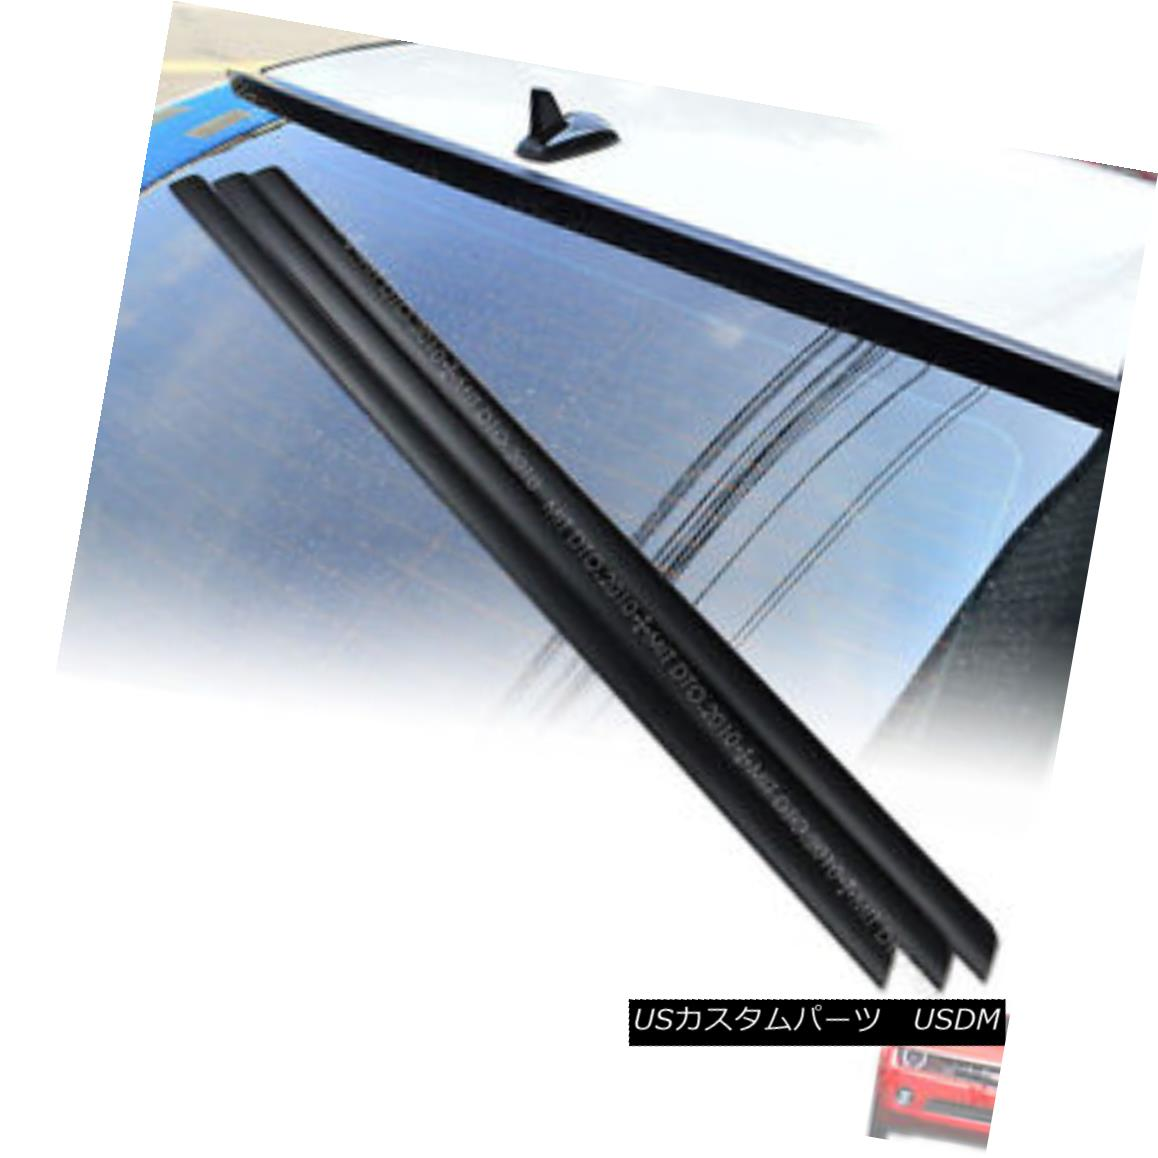 エアロパーツ Unpainted For Honda Civic 9Gen 9 Saloon 4DR Rear Window Roof Spoiler Wing PUF ホンダシビック9Gen 9サルーン4DRリアウィンドウルーフスポイラーウイングPUF未塗装